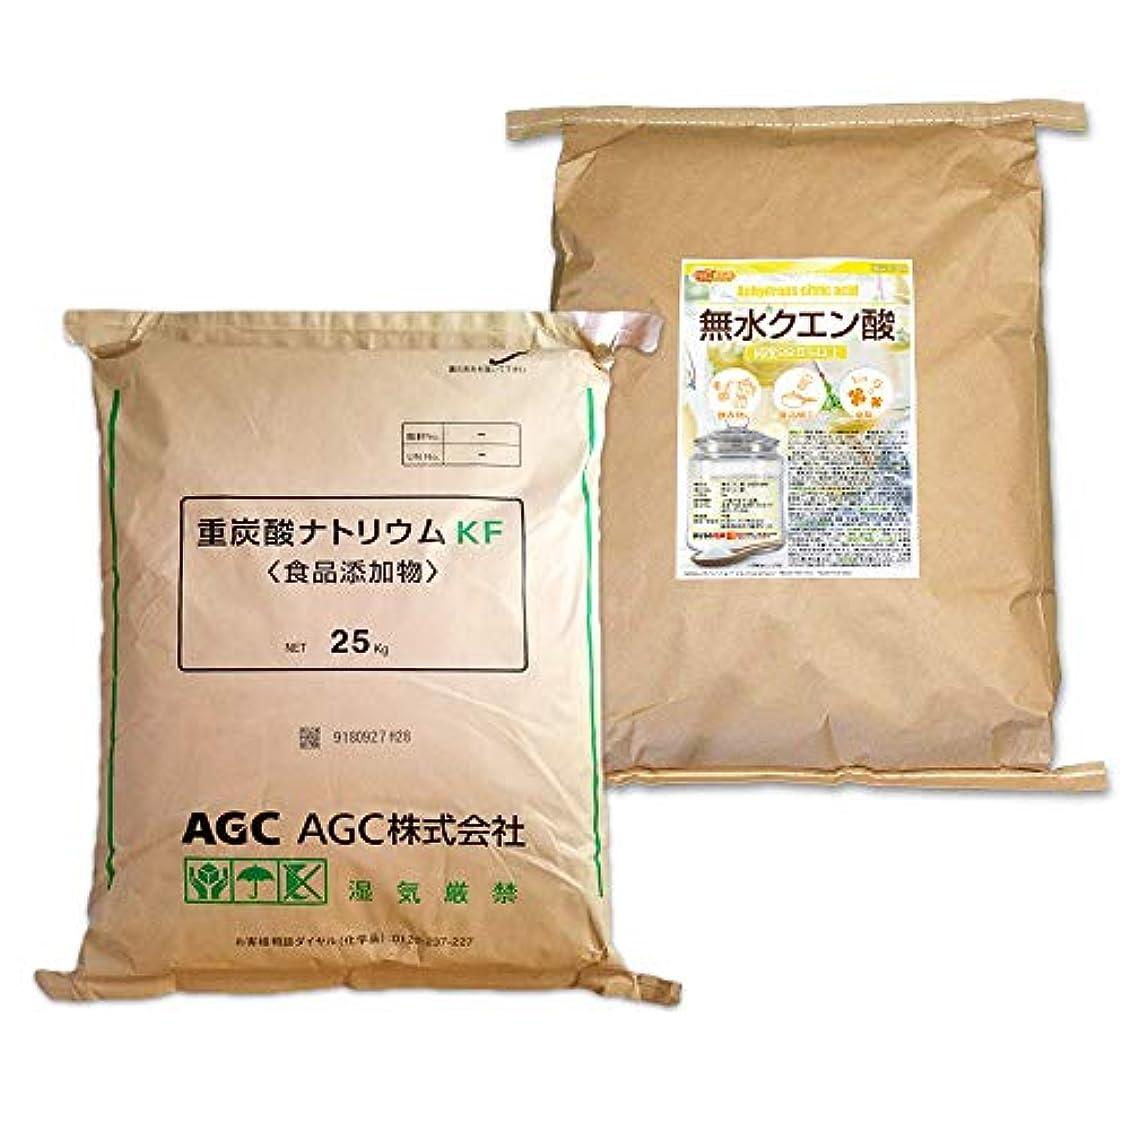 旅客レイア連結するAGC製 重曹 25kg + 無水 クエン酸 25kg セット [02] 【同梱不可】NICHIGA(ニチガ)